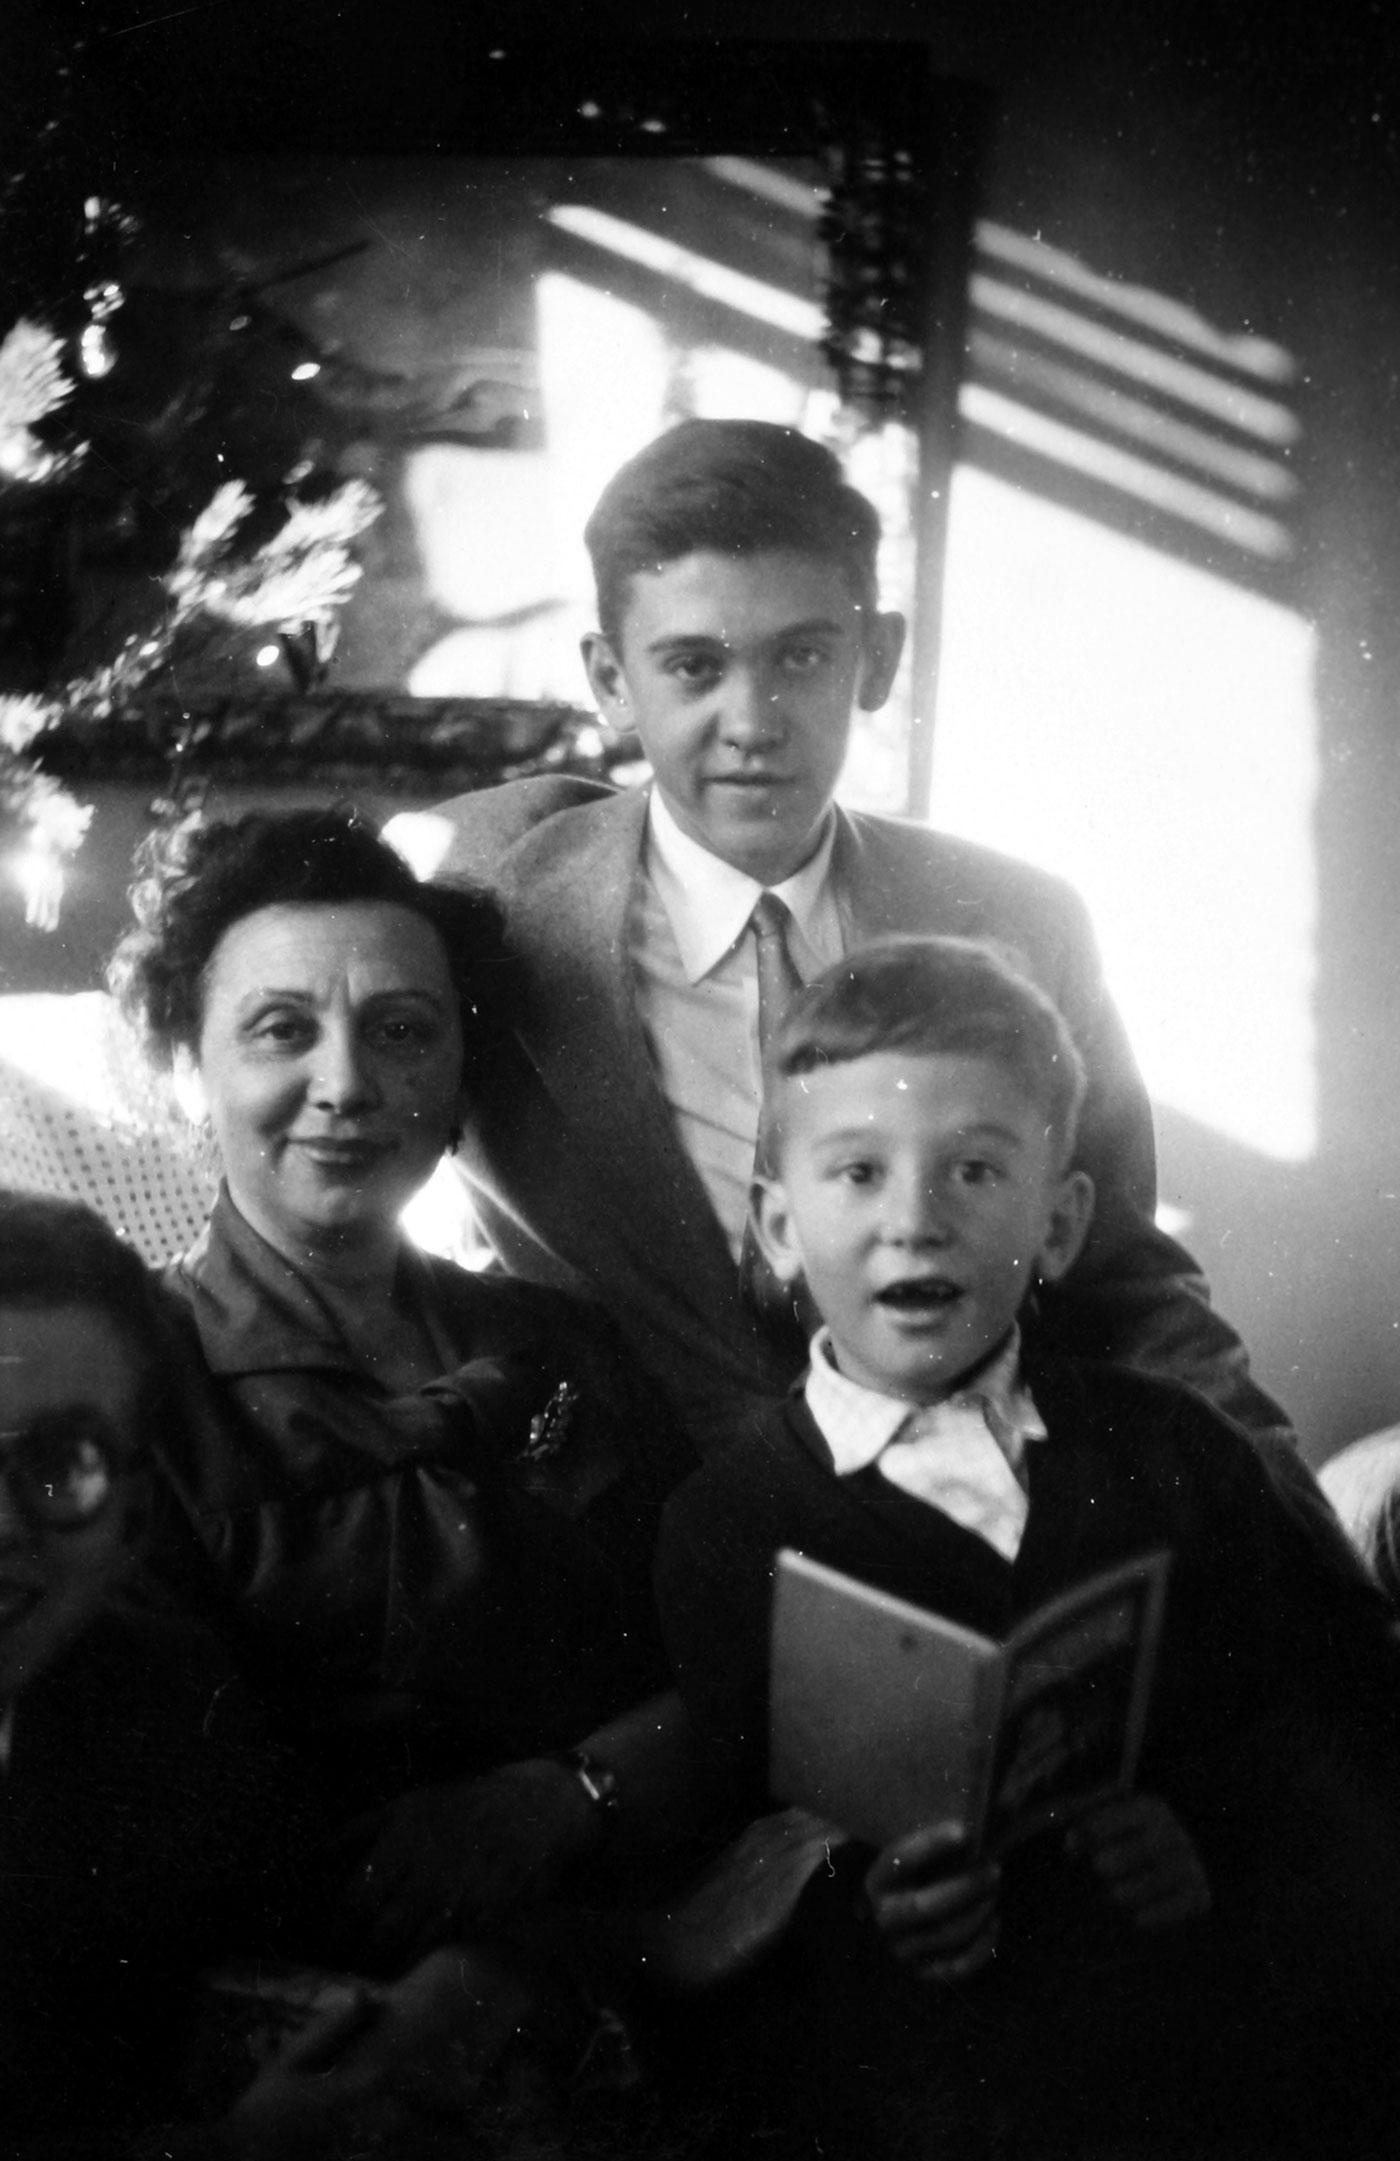 María Planas rodeada de sus hijos Patrick, Jorge y Ramón, que asoma por una esquina.. Foto cedida por Ramón Buckley.